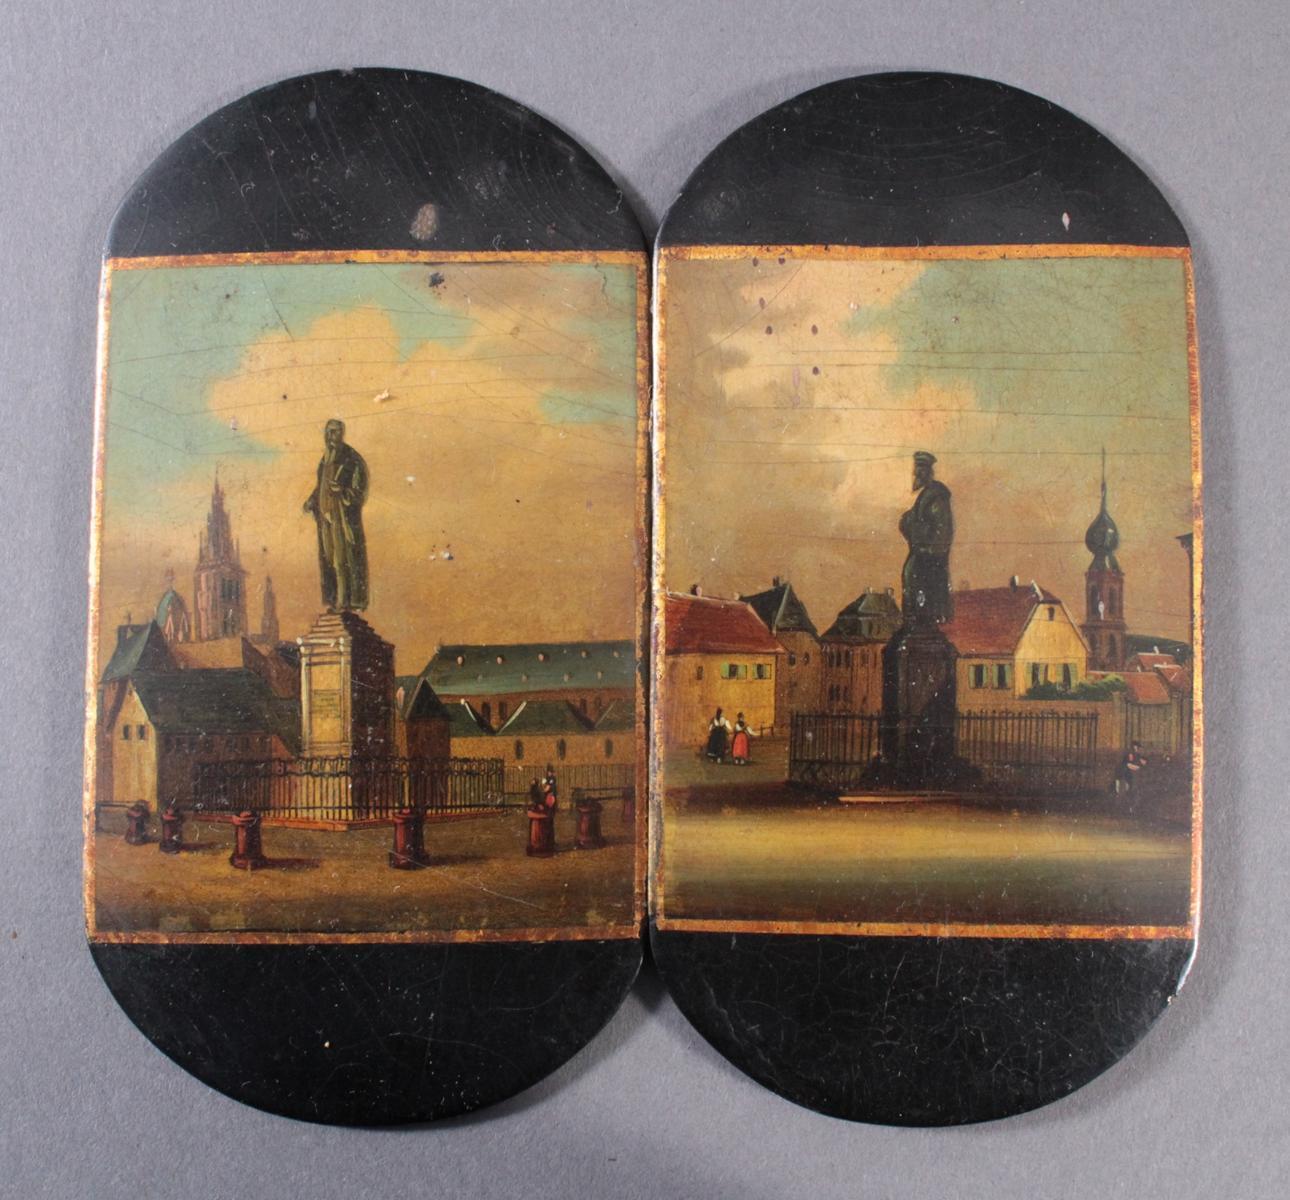 Bemalte Deckel wohl Stobwasser, Braunschweig, 19. Jahrhundert